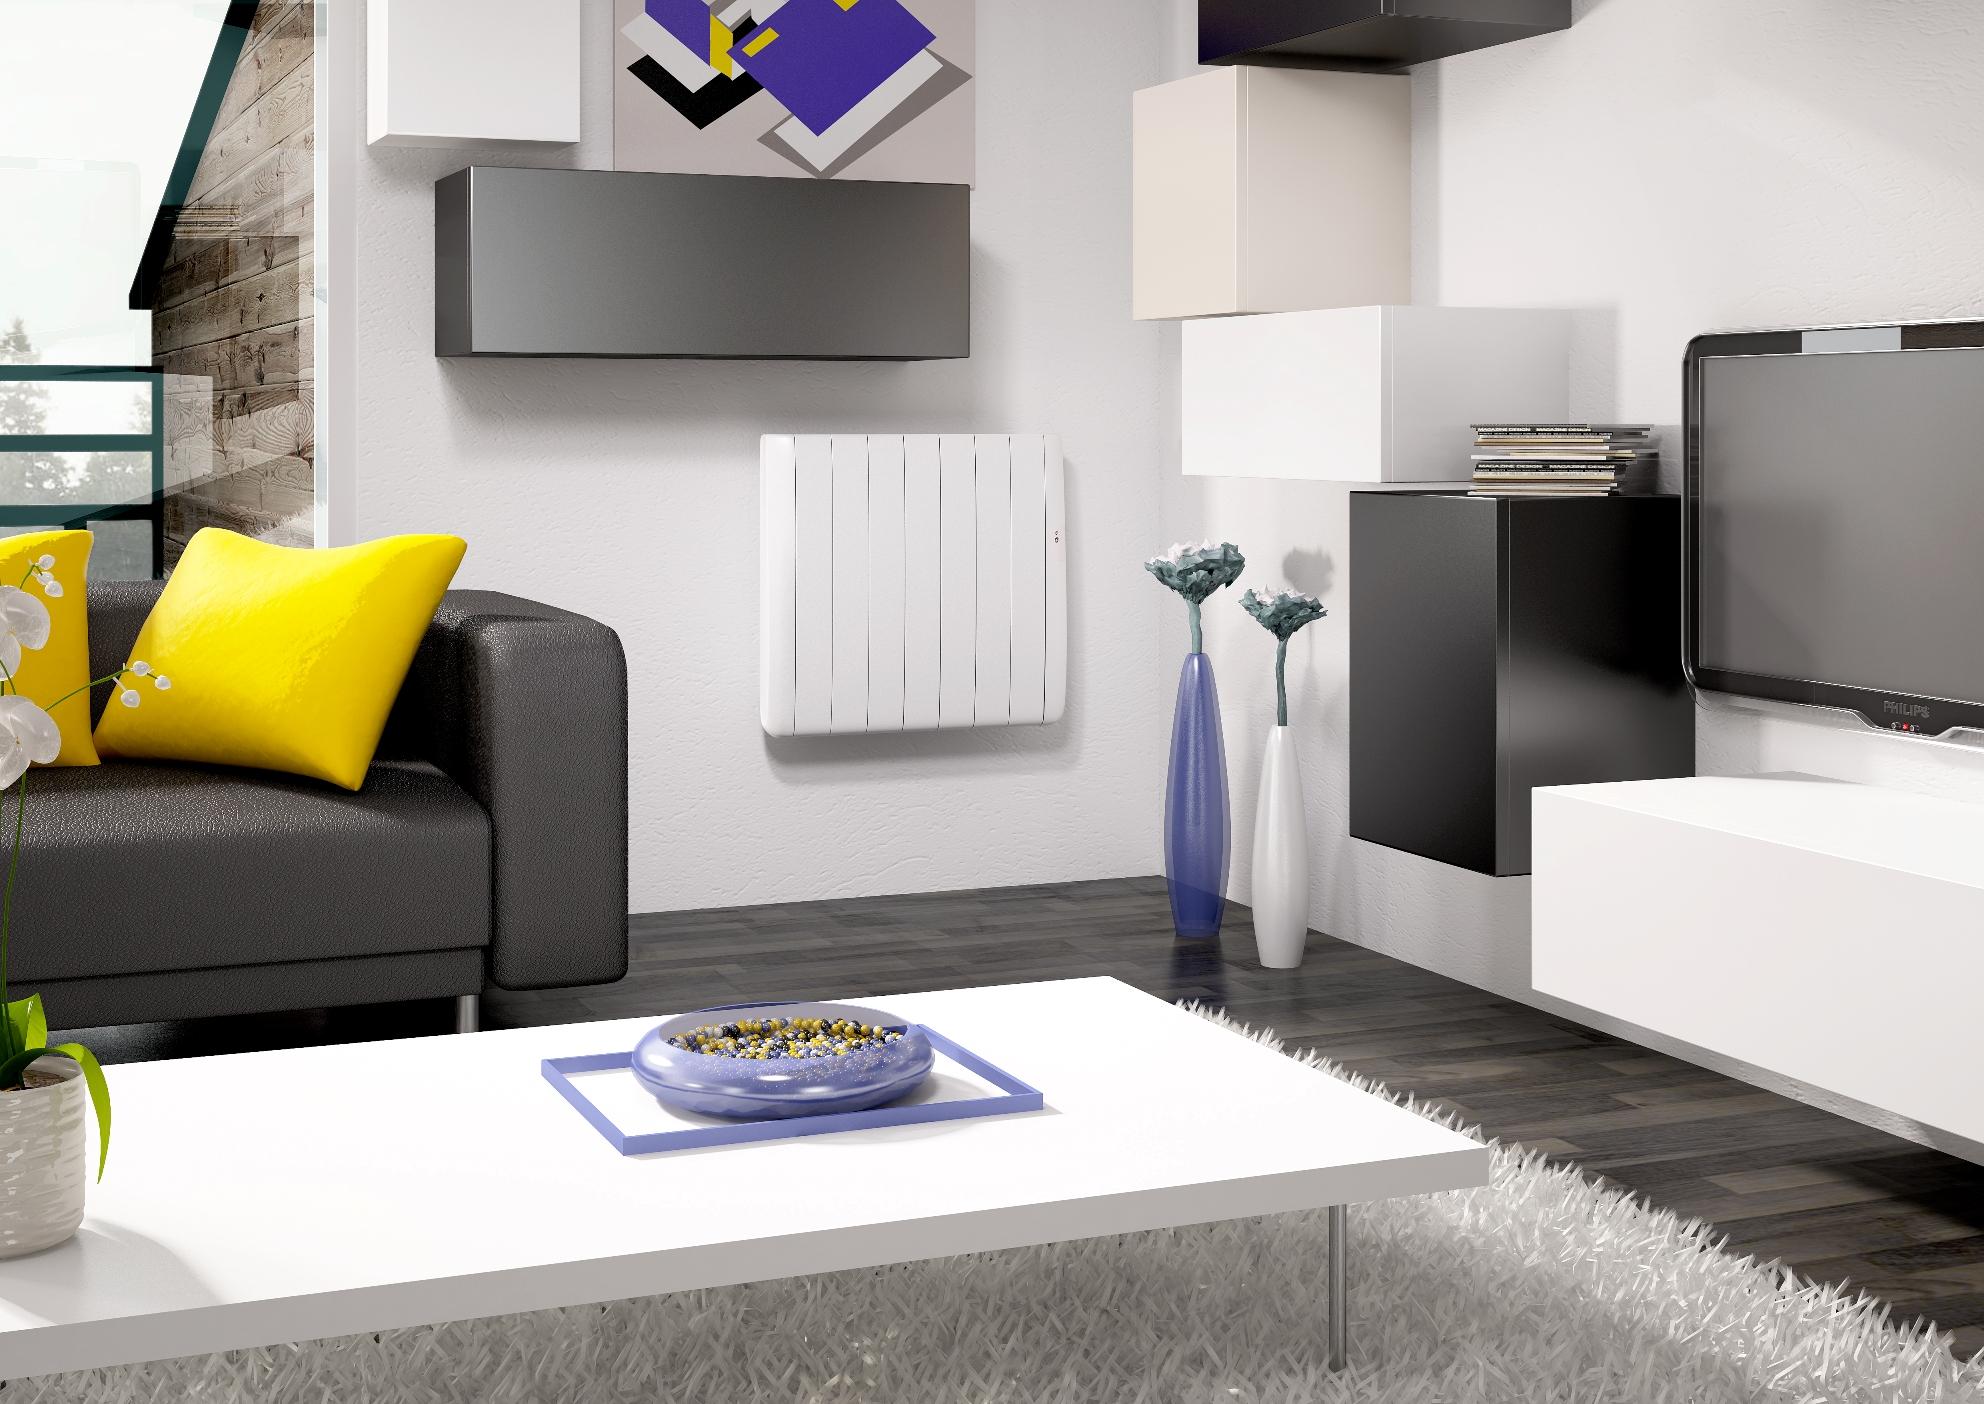 radiateur forlane chaleur douce et conomies d 39 nergie objectif habitat. Black Bedroom Furniture Sets. Home Design Ideas